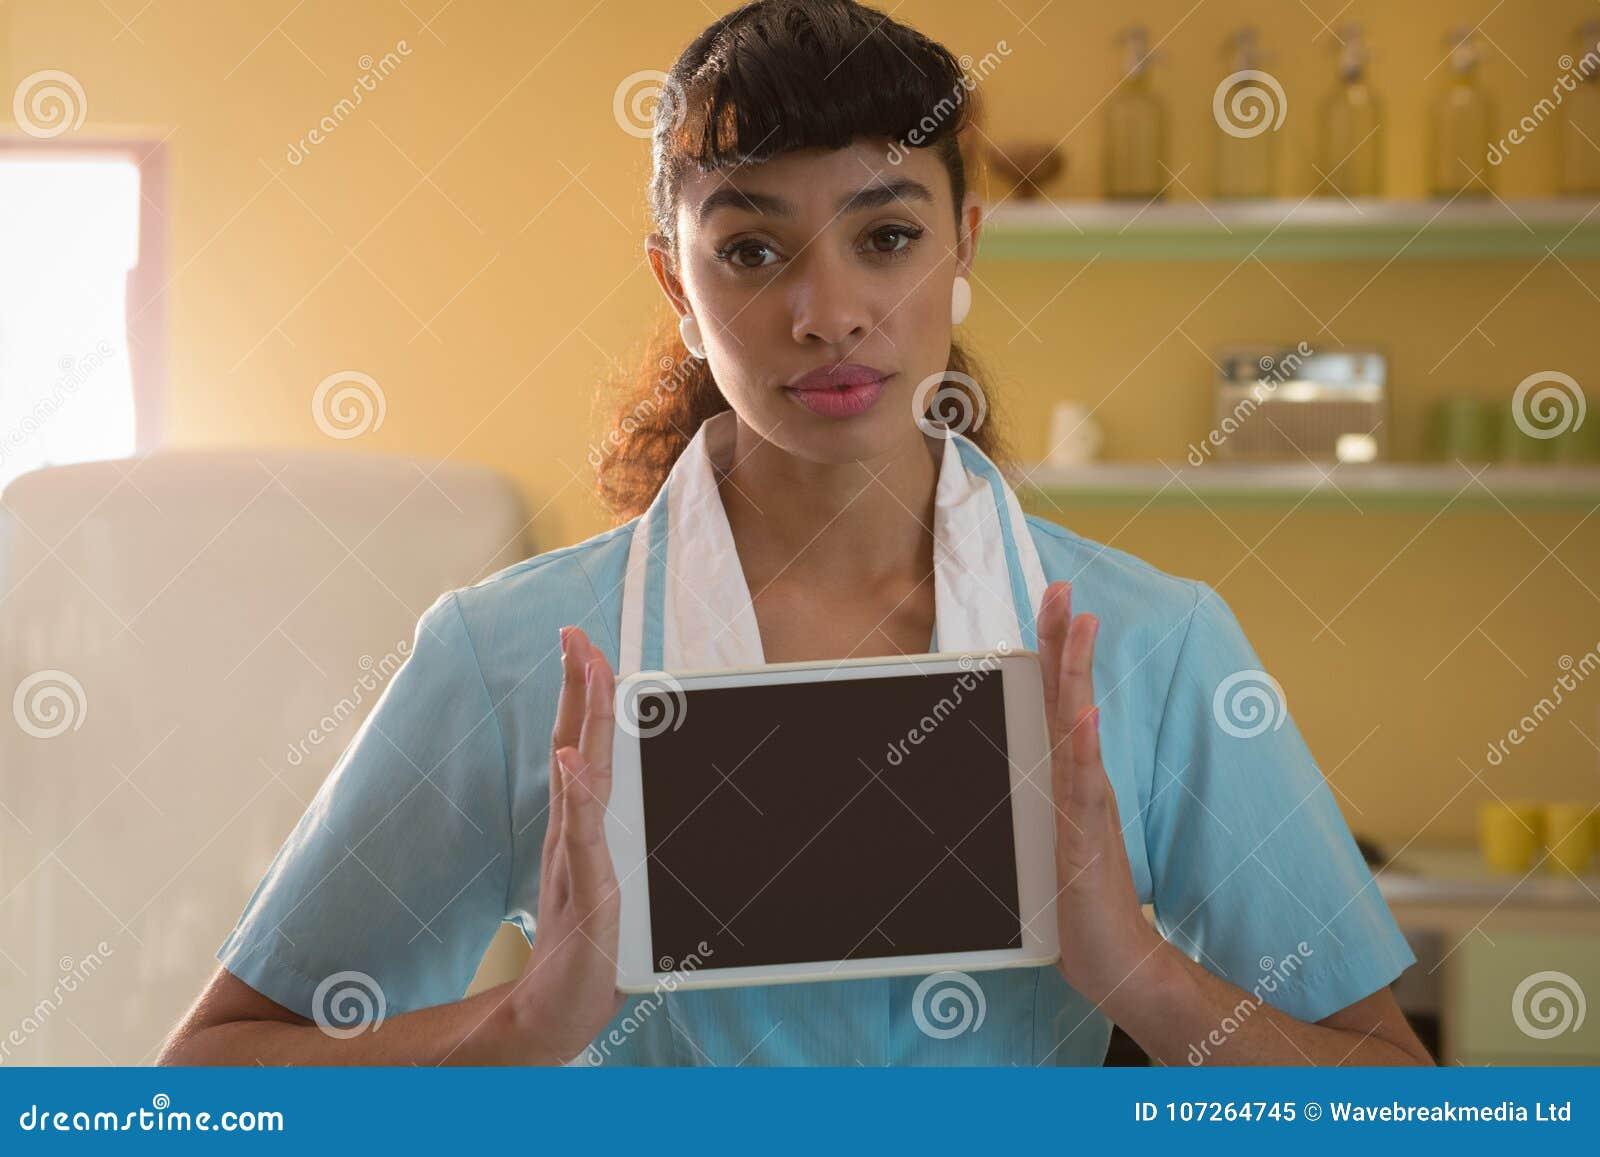 Waitress holding digital tablet in restaurant